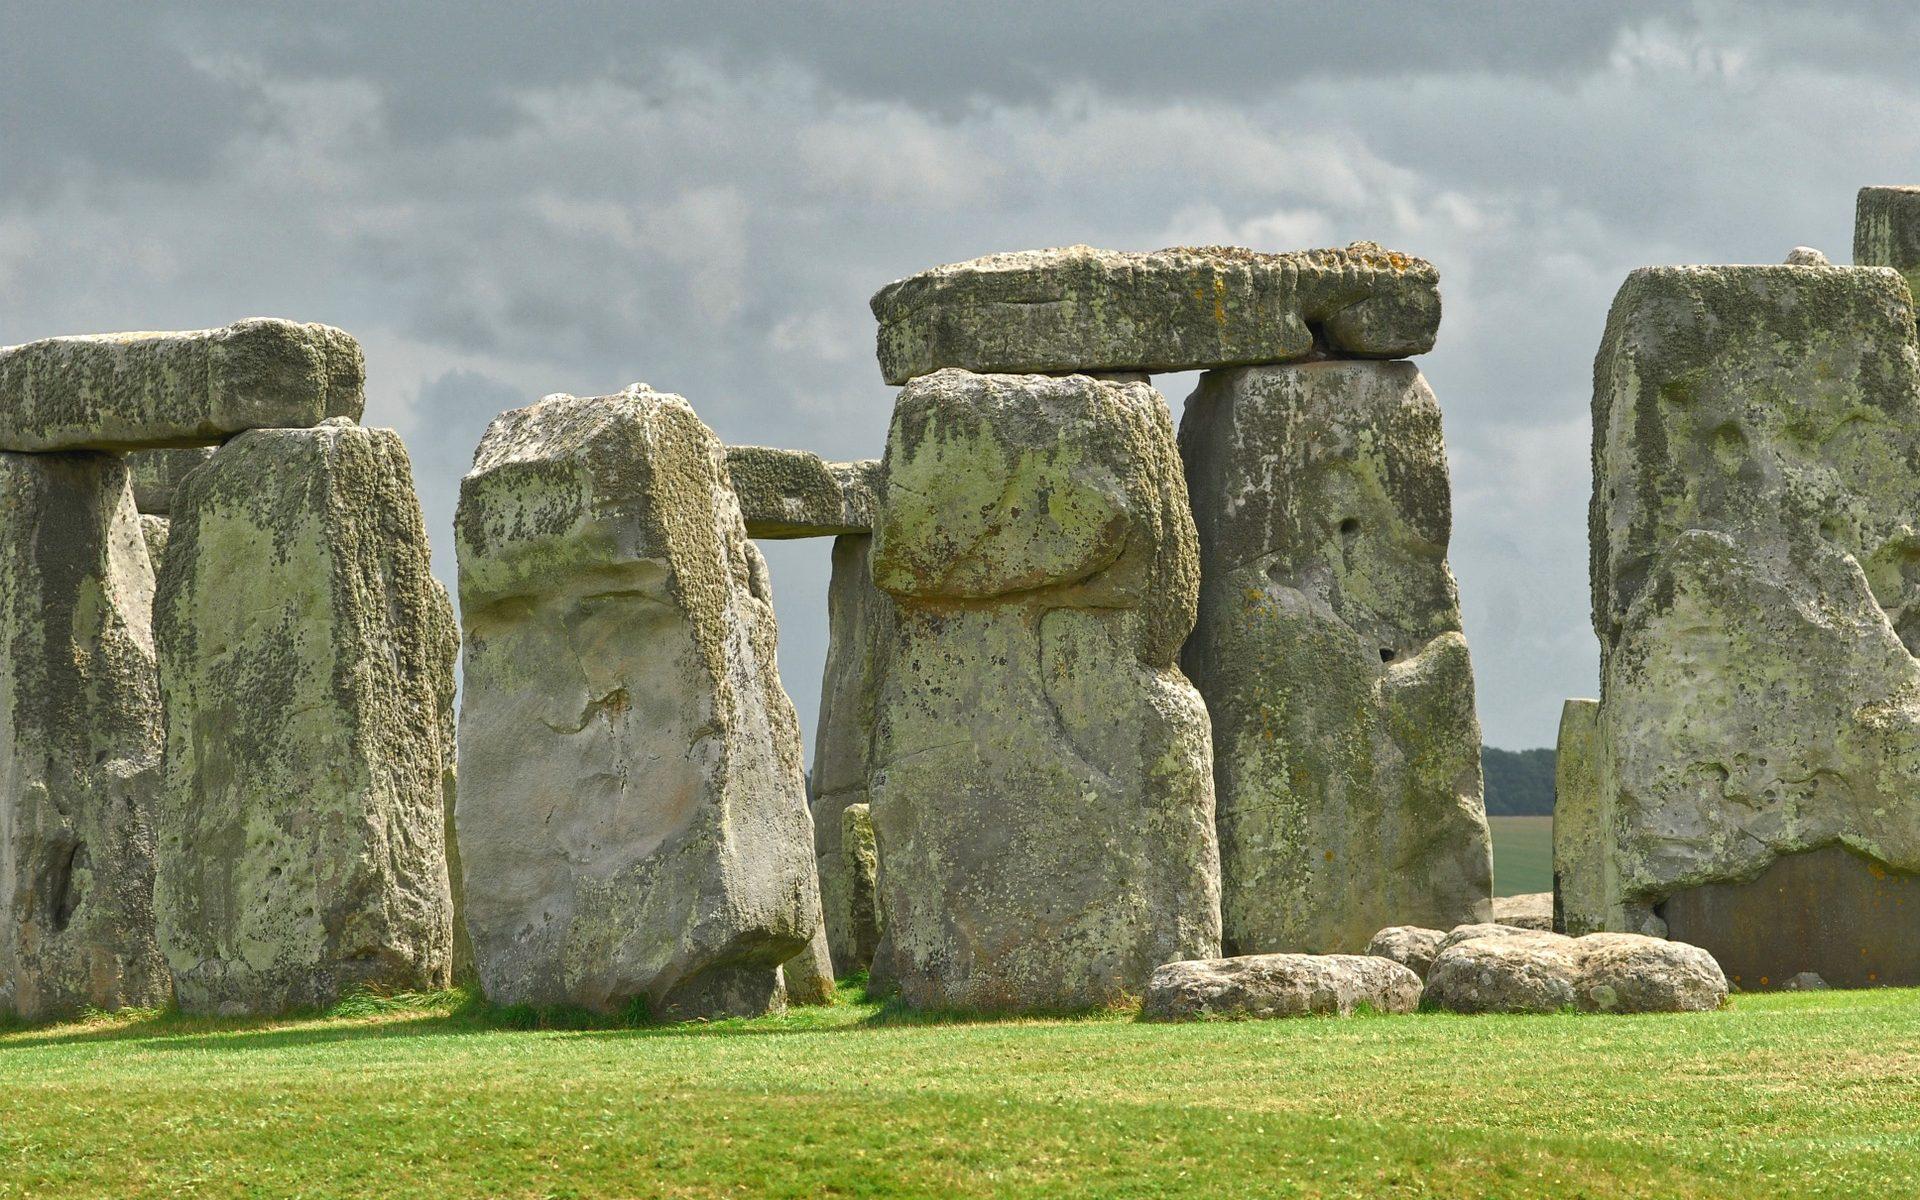 stonehenge, prehistorisch bouwwerk